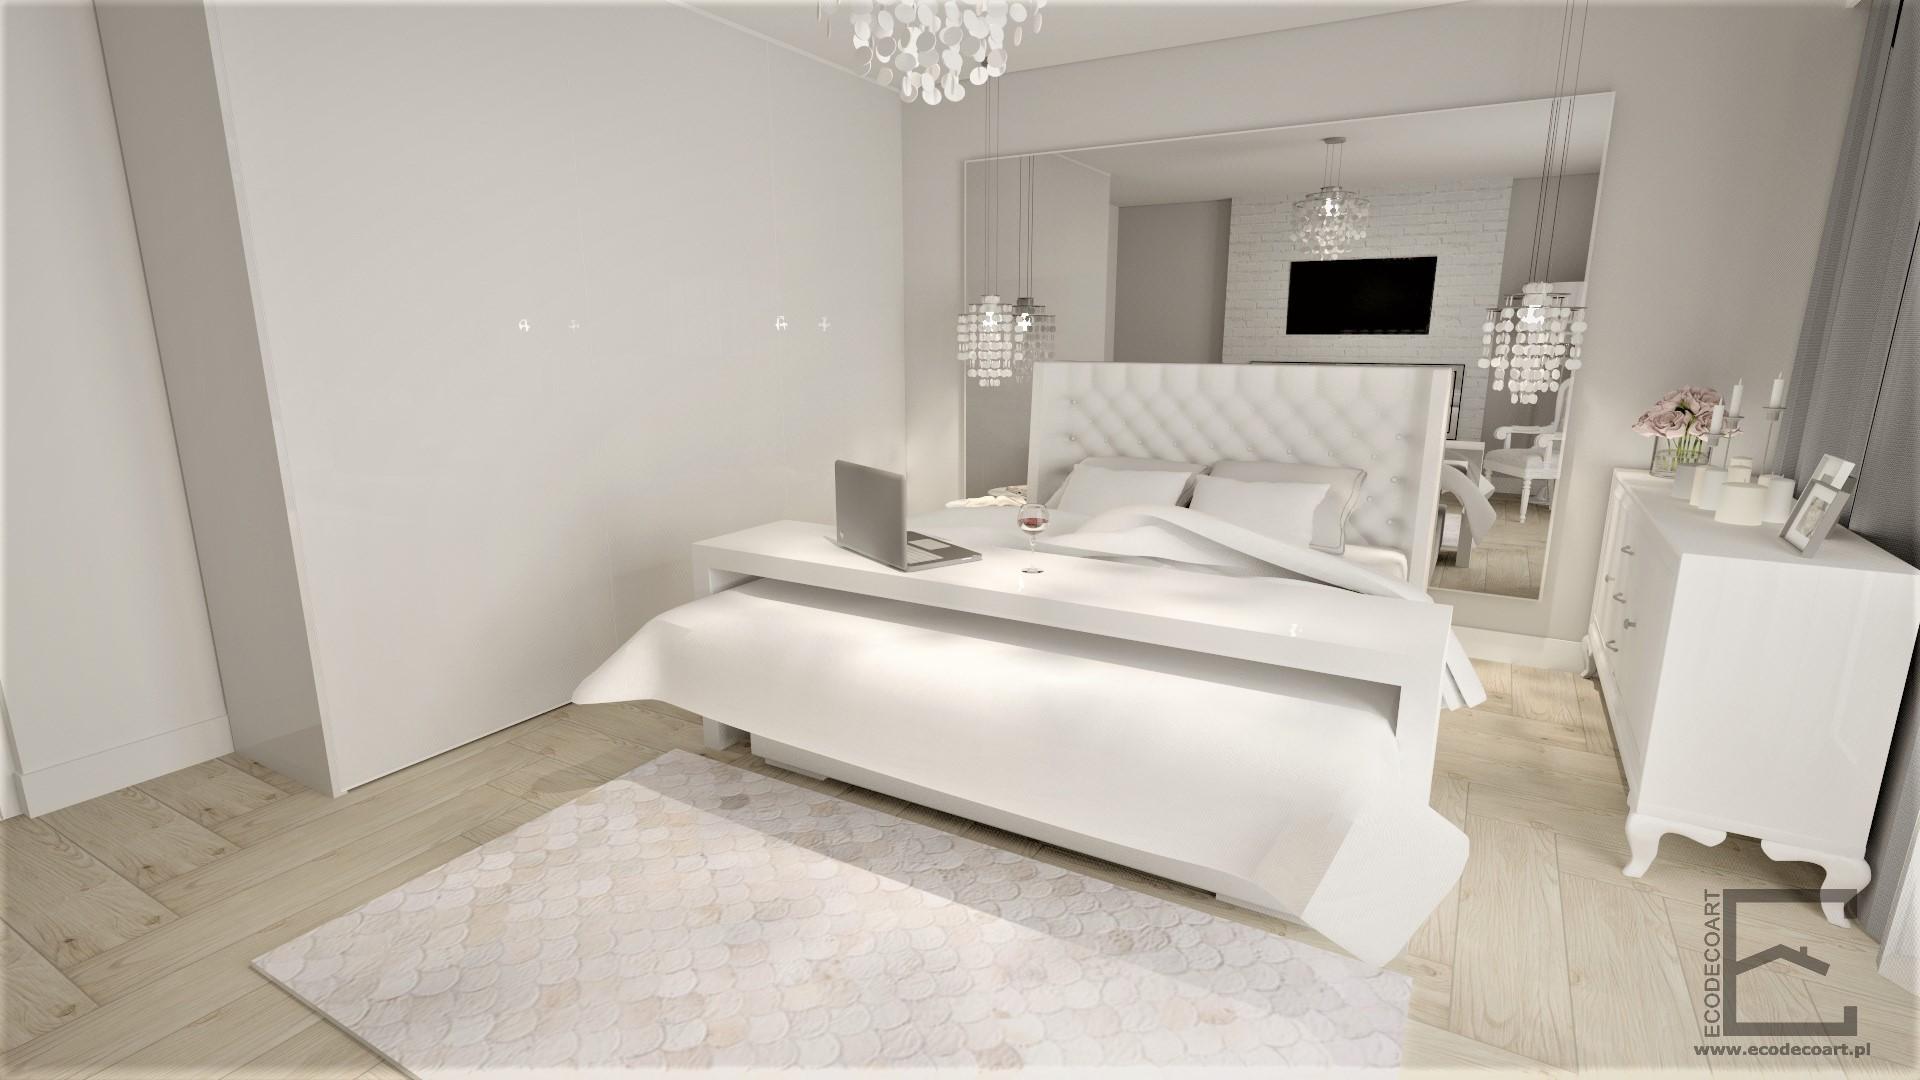 Sypialnia w stylu glamour w Rzeszowie